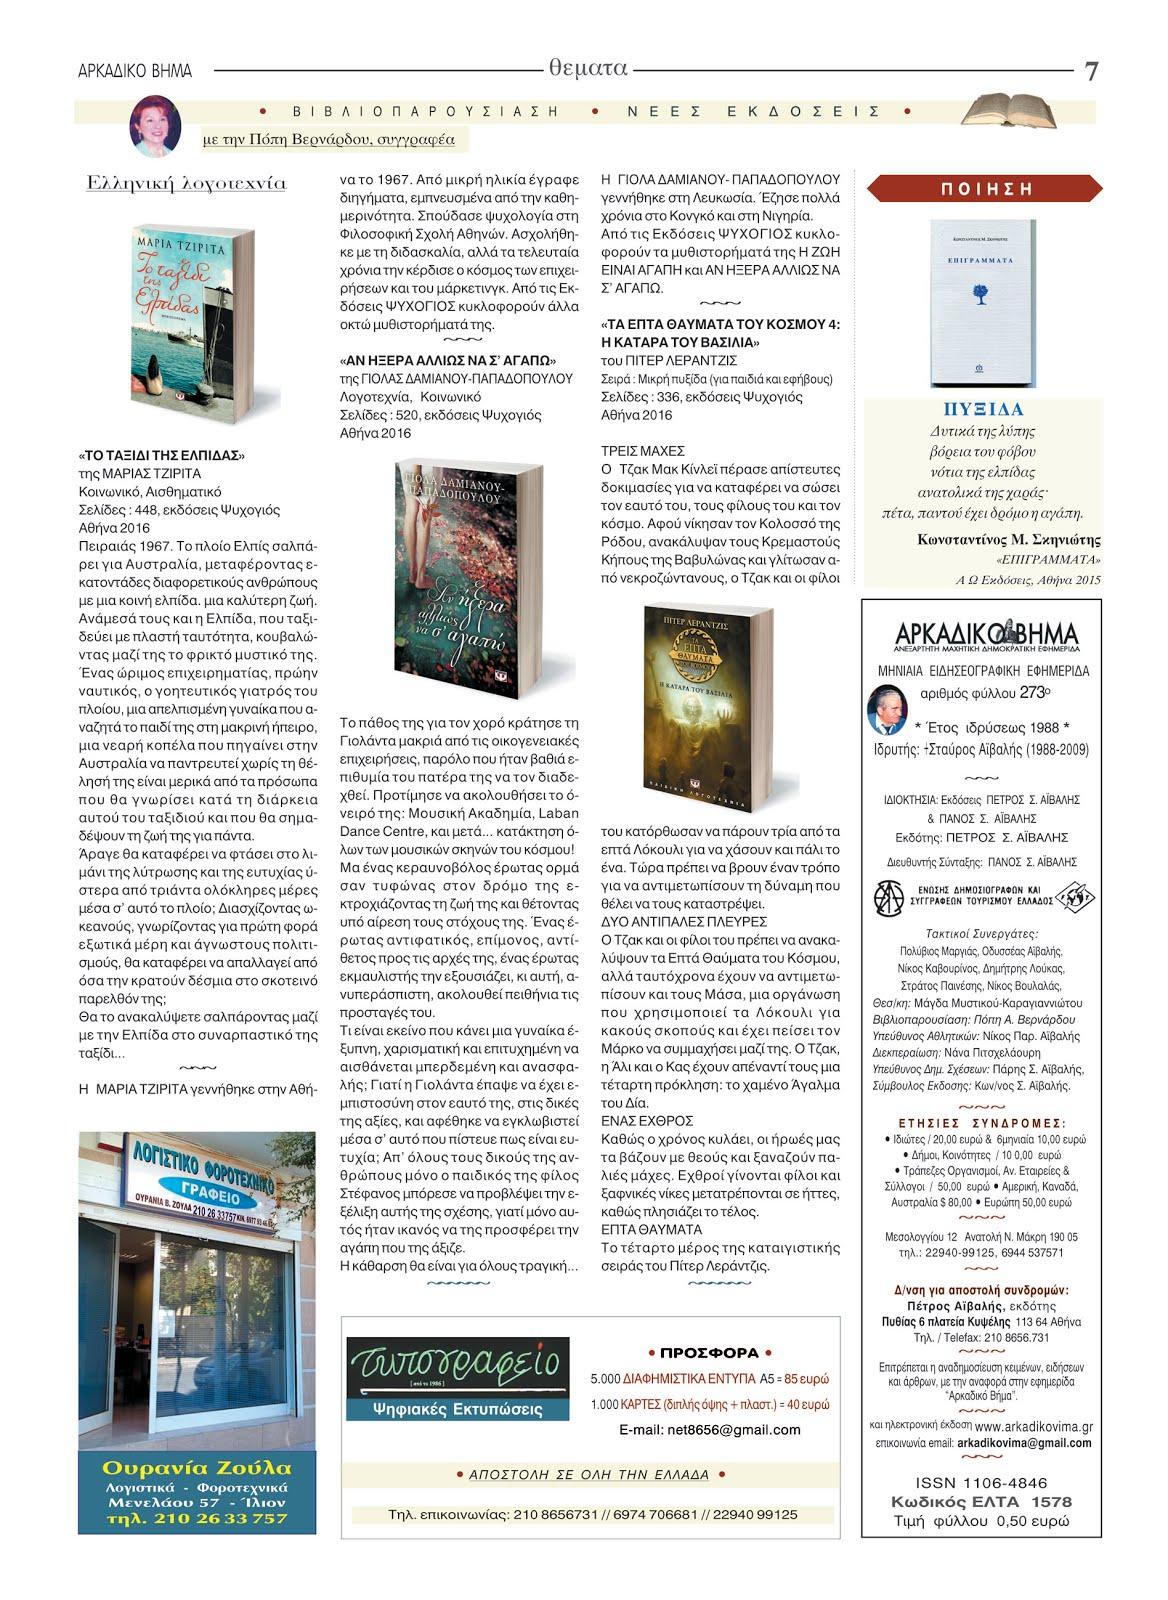 Αρκαδικό Βήμα κάθε μήνα μια σελίδα με νέες εκδόσεις